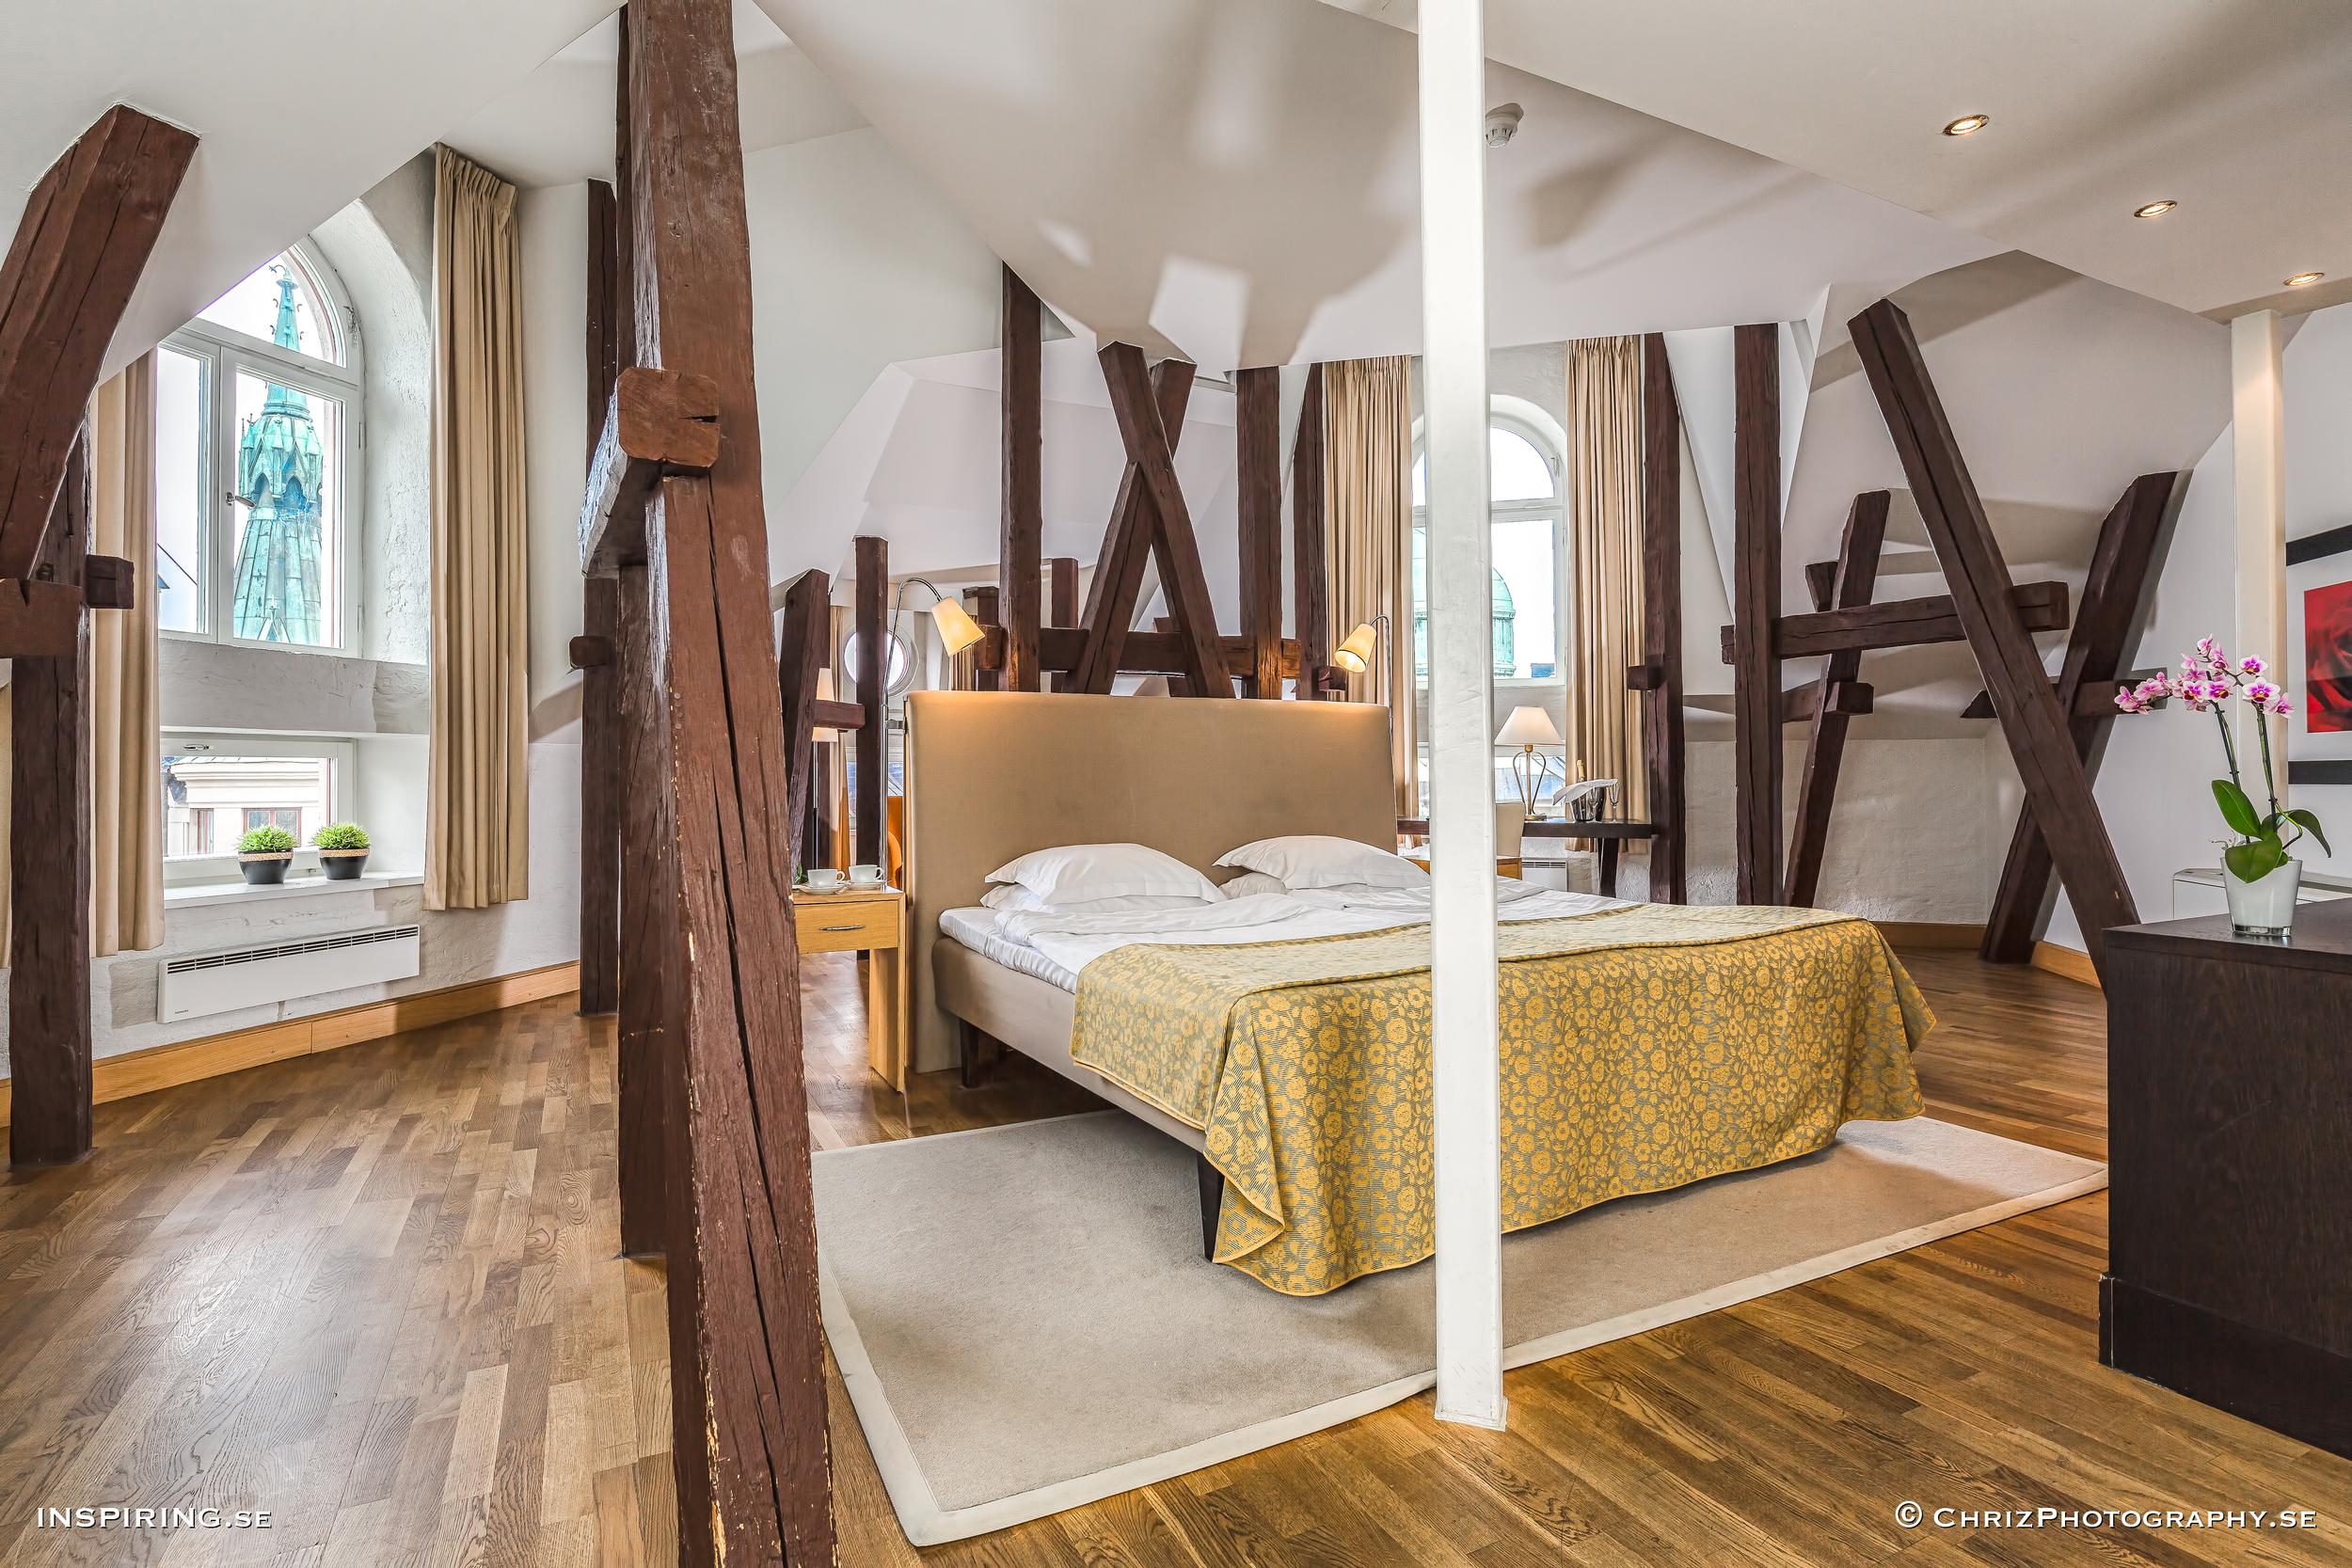 Elite_Hotel_Knaust_Inspiring.se_copyright_ChrizPhotography.se_17.jpg